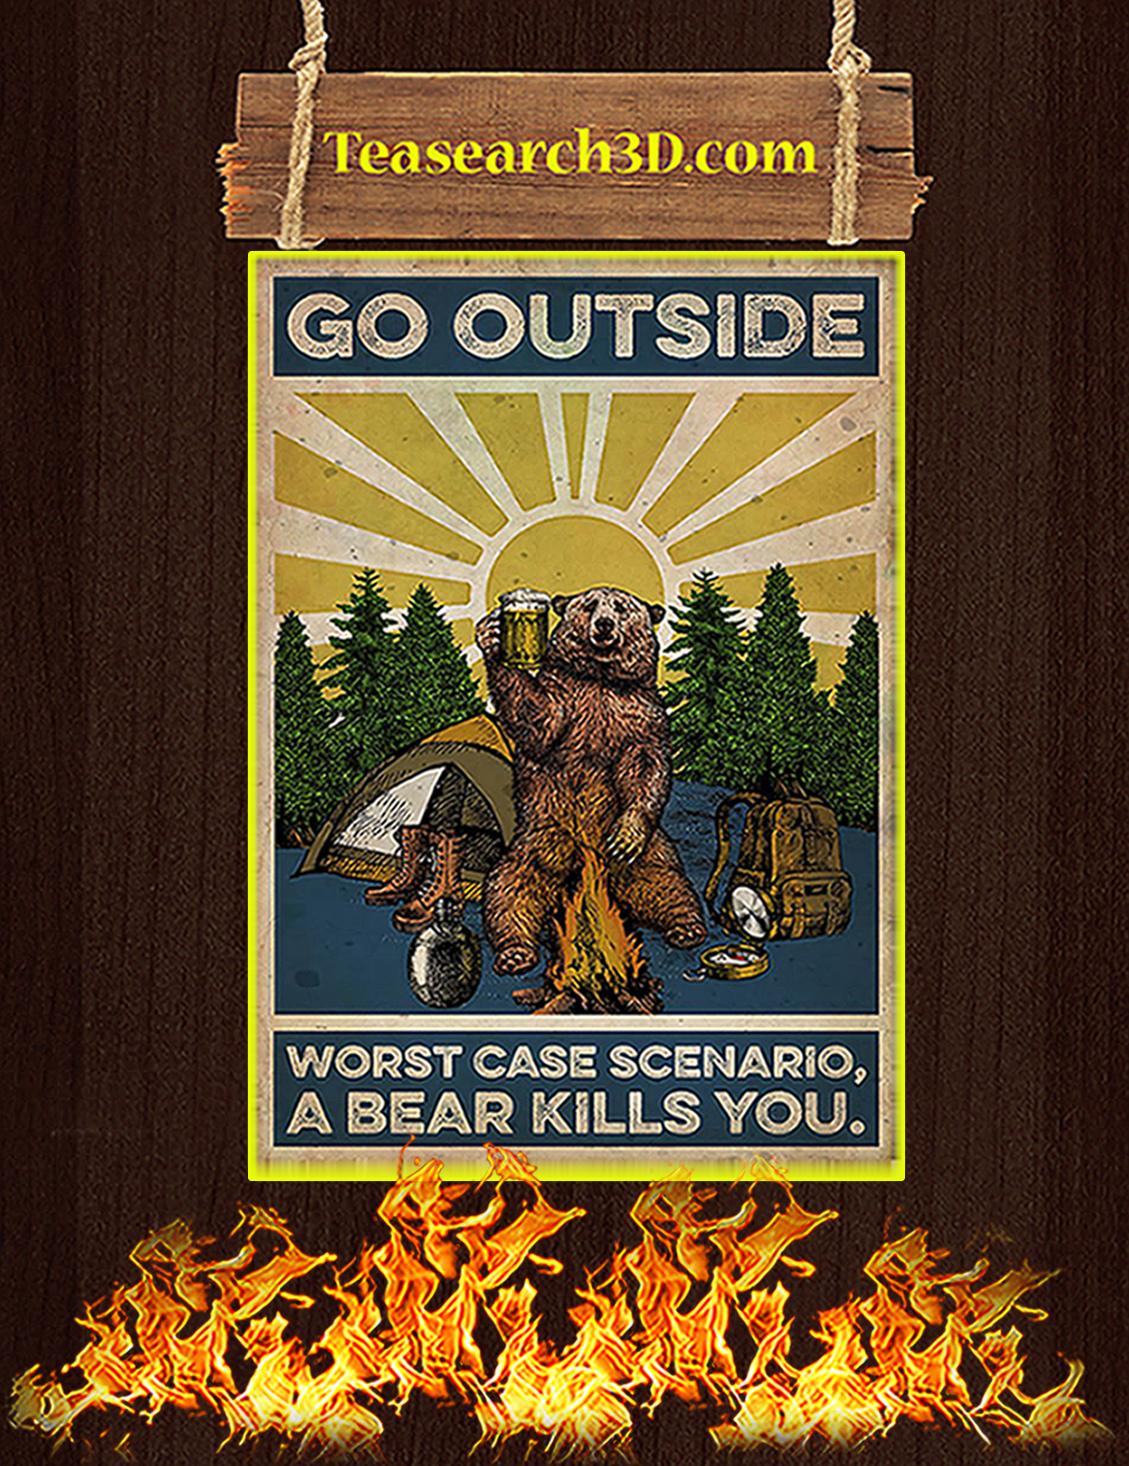 Camping go outside worst case scenario a bear kills you poster A3